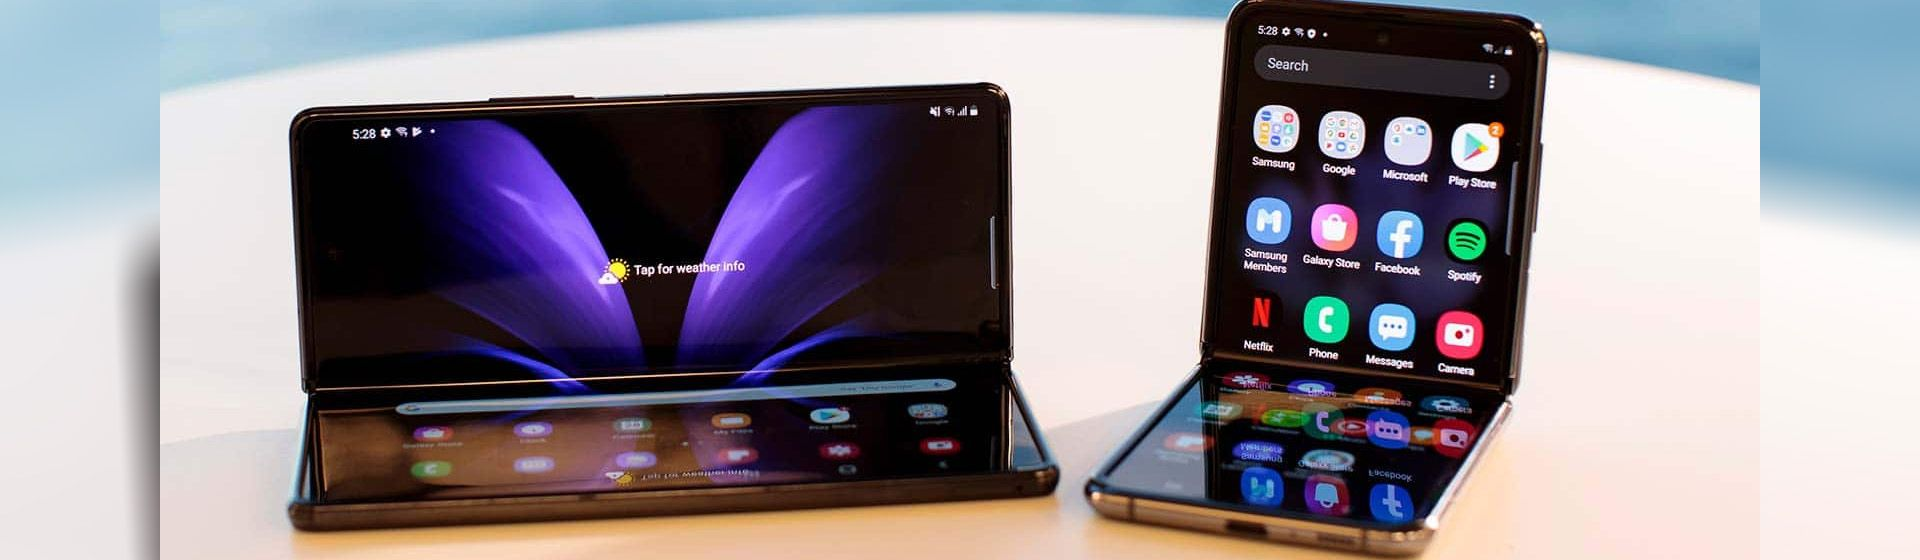 Samsung deve lançar 4 celulares dobráveis em 2021, indicam rumores